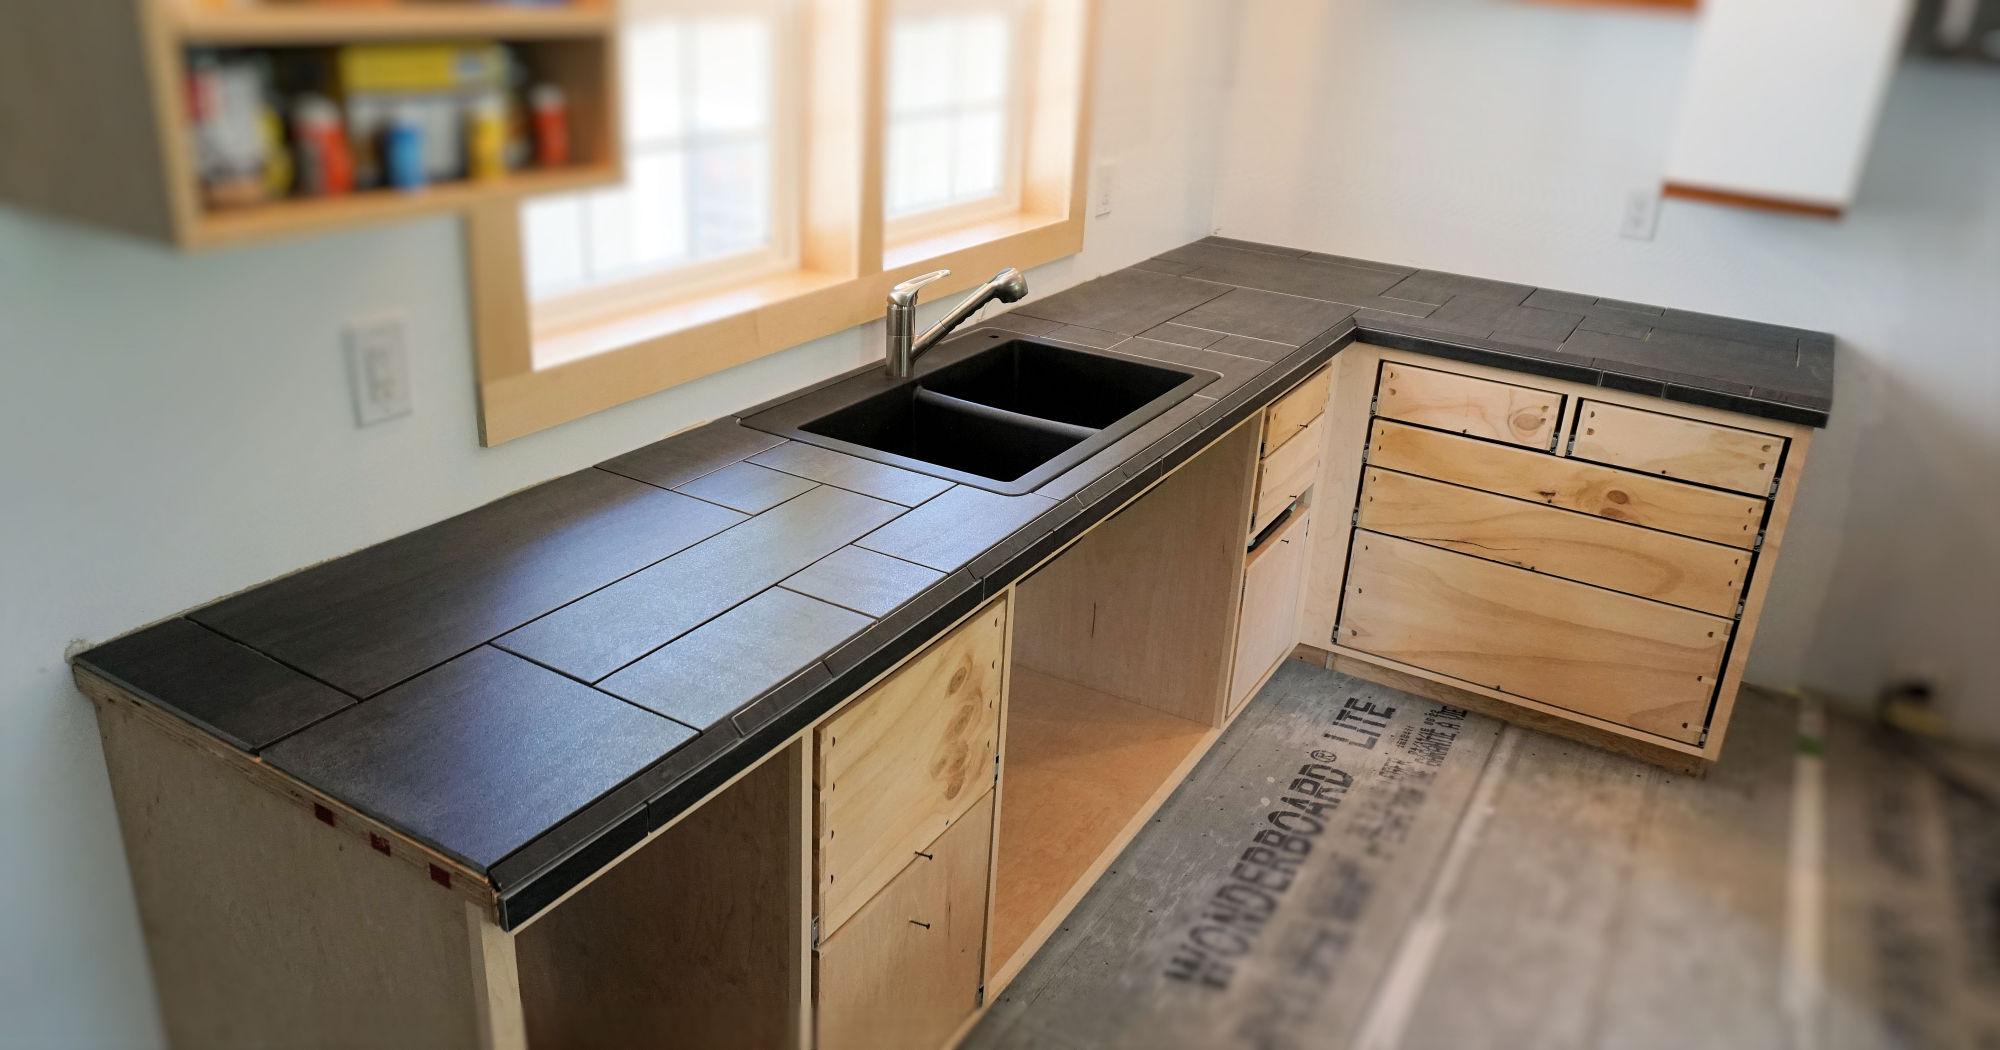 Installing A Tile Countertop - IBUILDIT.CA